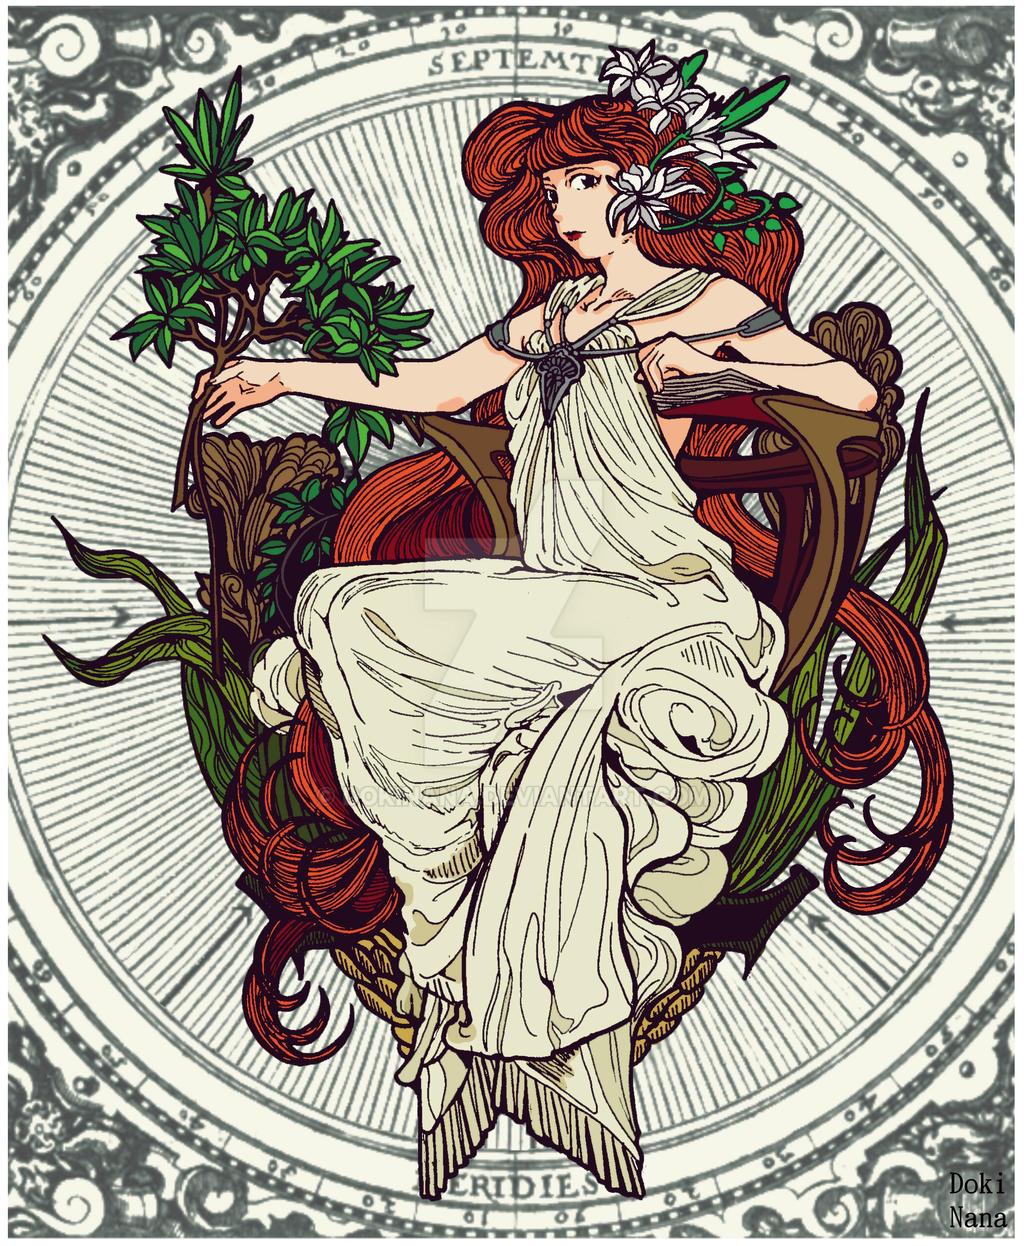 Mucha Art Nouveau style by dokinana